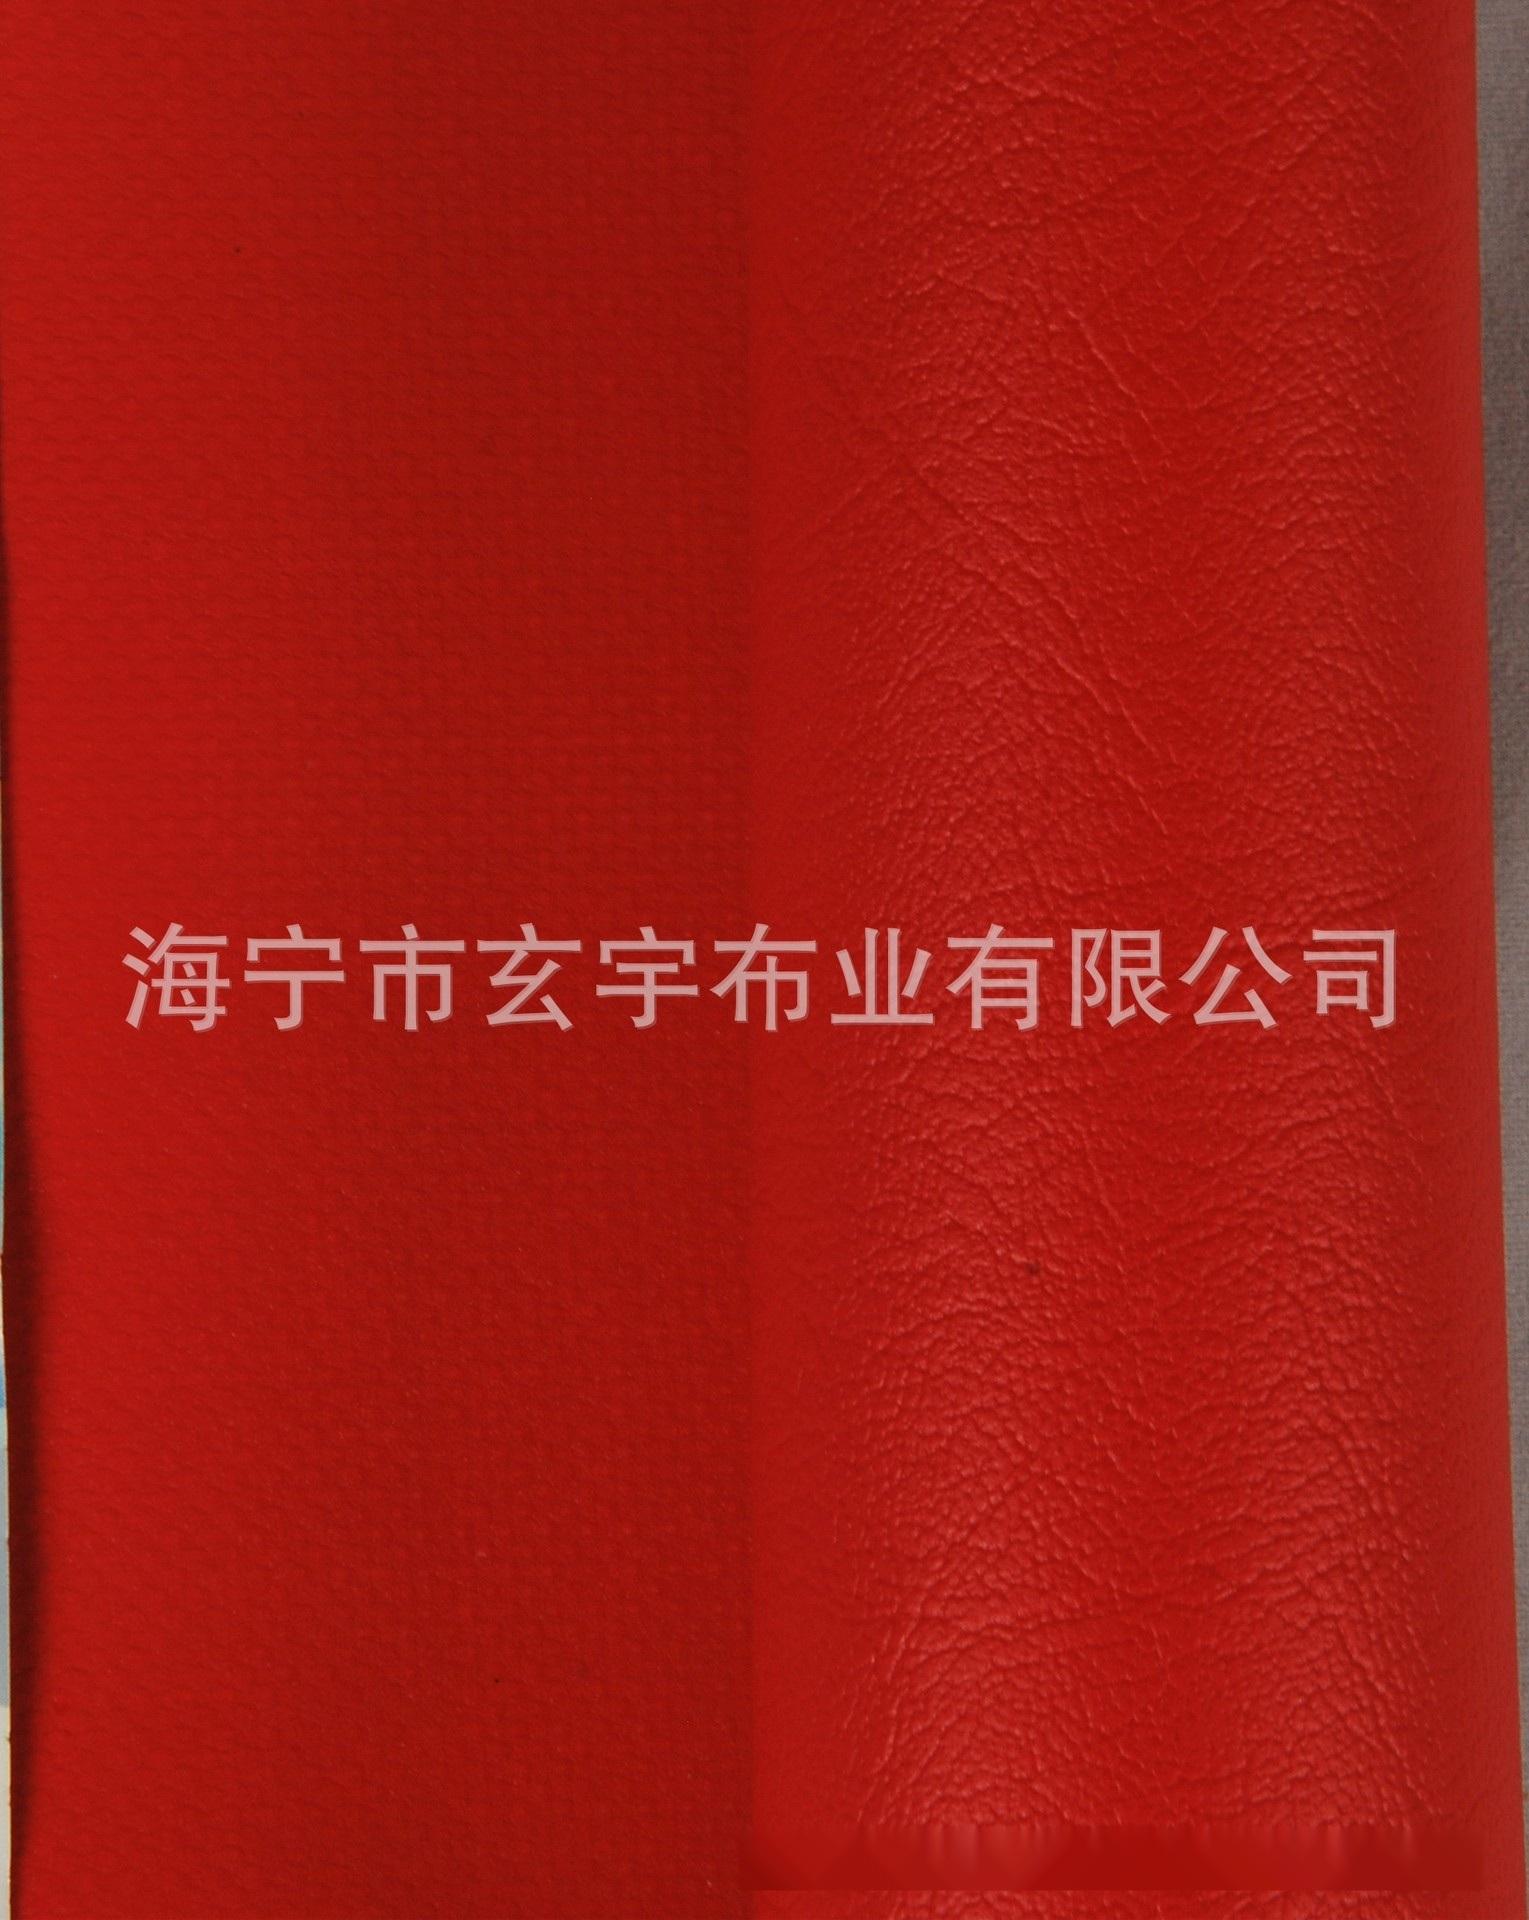 DSC_0041_副本